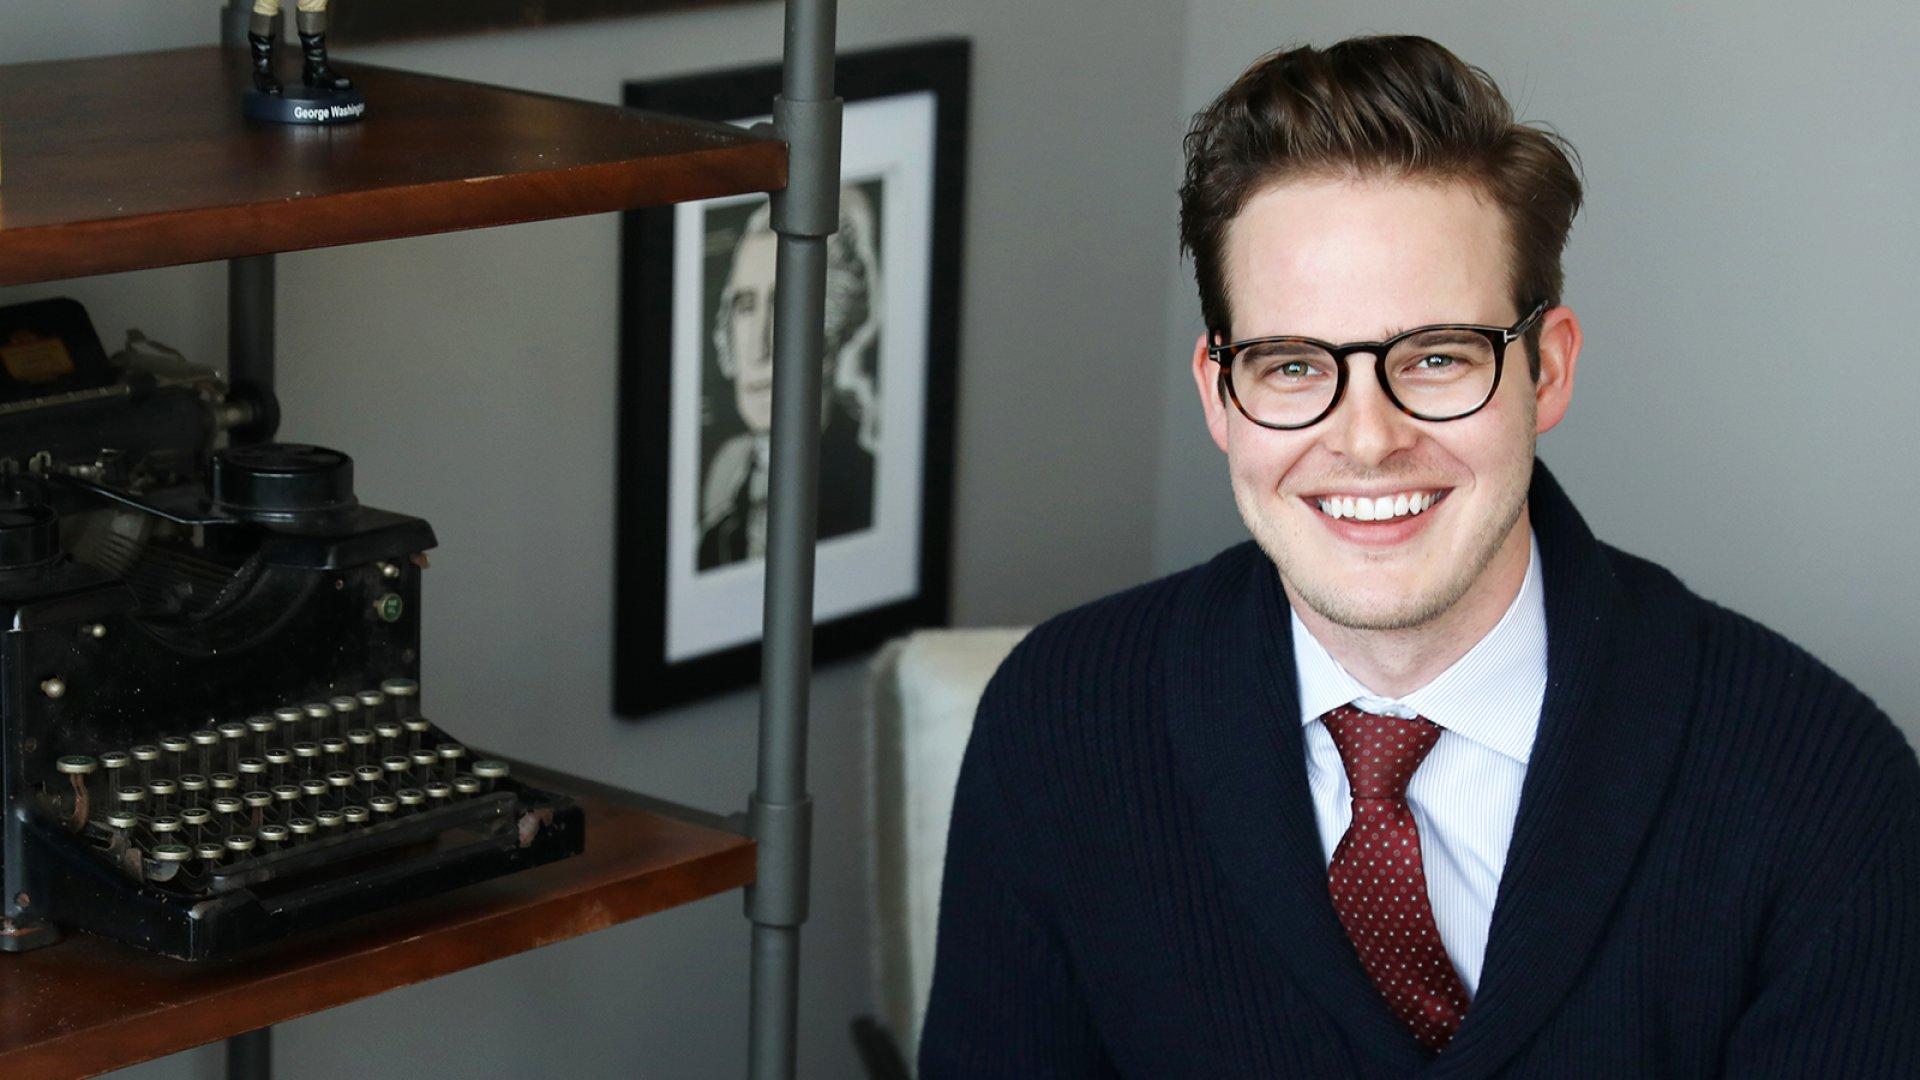 The Penny Hoarder<em> </em>founder Kyle Taylor.